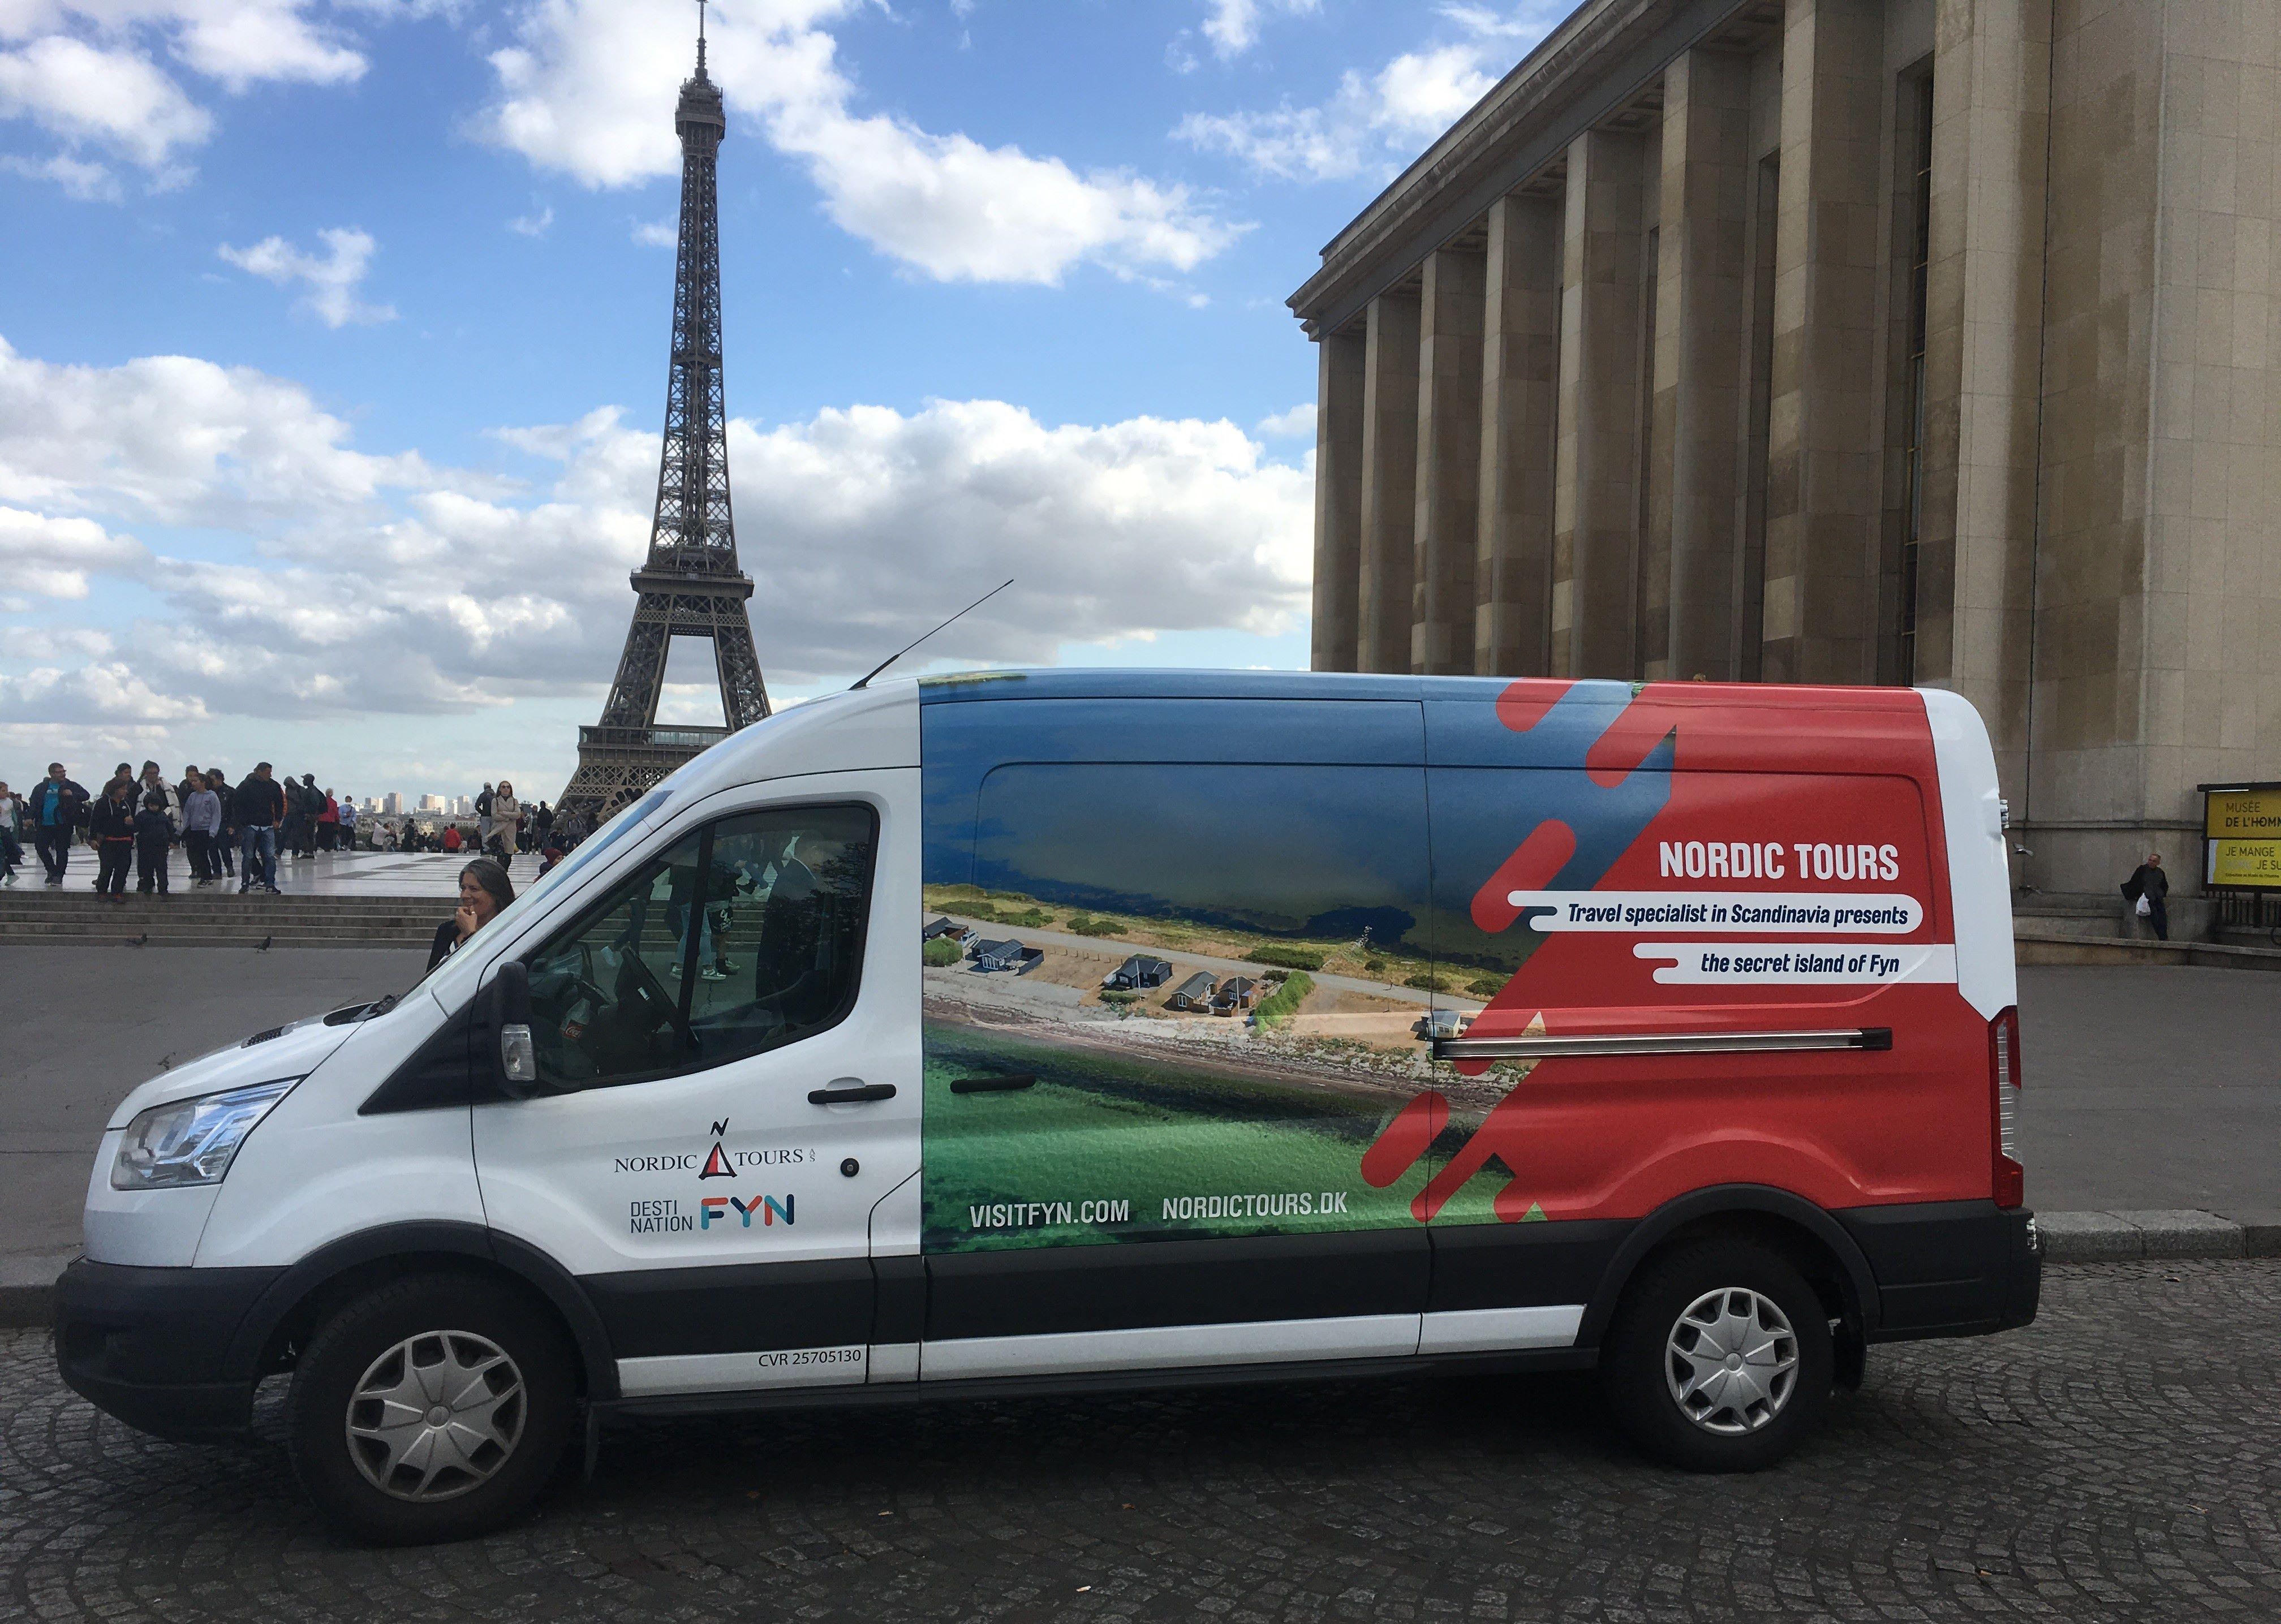 Nordic Tours havde sidste efterår en Ford Transit på besøg hos blandt andet franske rejsebureauer for at inspirere dem til at sende gæster til Fyn. Foto: Nordic Tours.